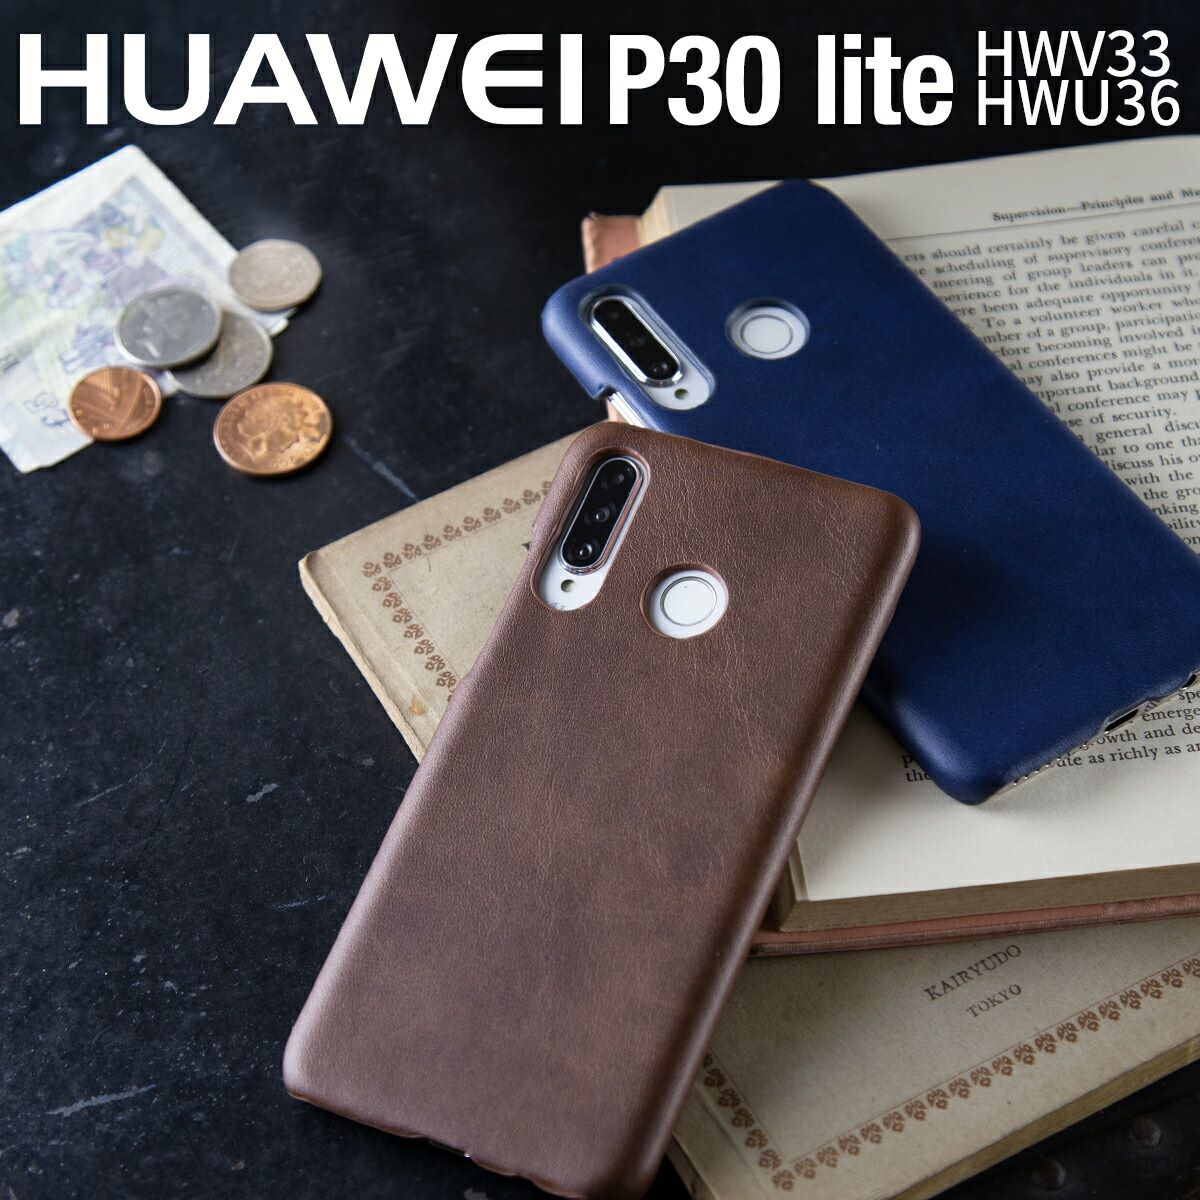 年間定番 メール便送料無料 レザーハードケース P30 Lite HUAWEI lite スマホケース 倉 韓国 HWV33 HWU36 スマホ ケース カバー 携帯 ファーウェイ 革 おしゃれ アンドロイド ヤフーモバイル かっこいい Android アンティーク調 ハードケース 送料無料 UQモバイル au 人気 レザー